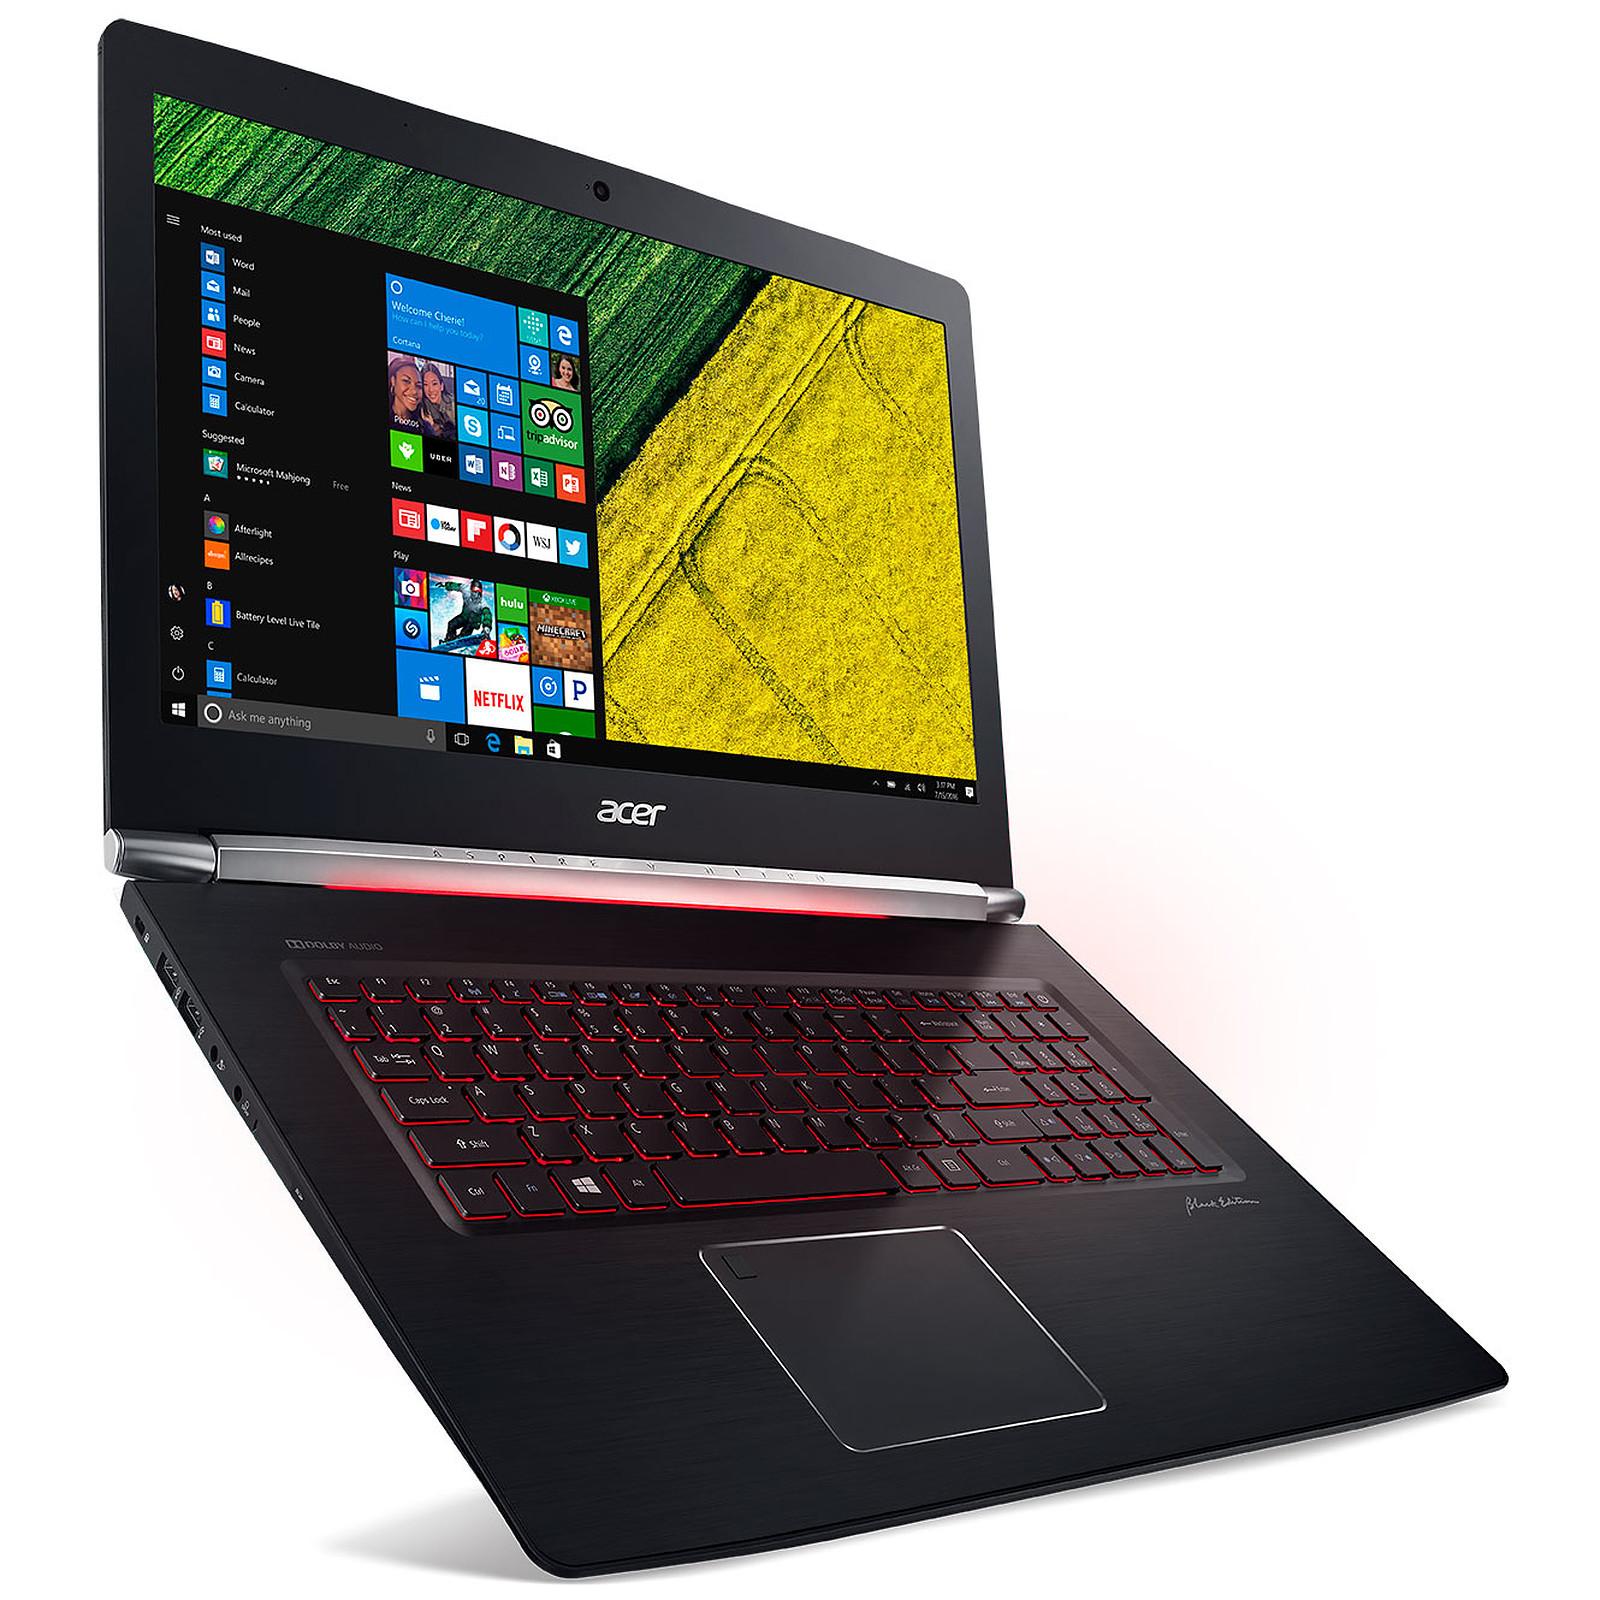 Acer Aspire V17 Nitro VN7-793G-58C9 Black Edition